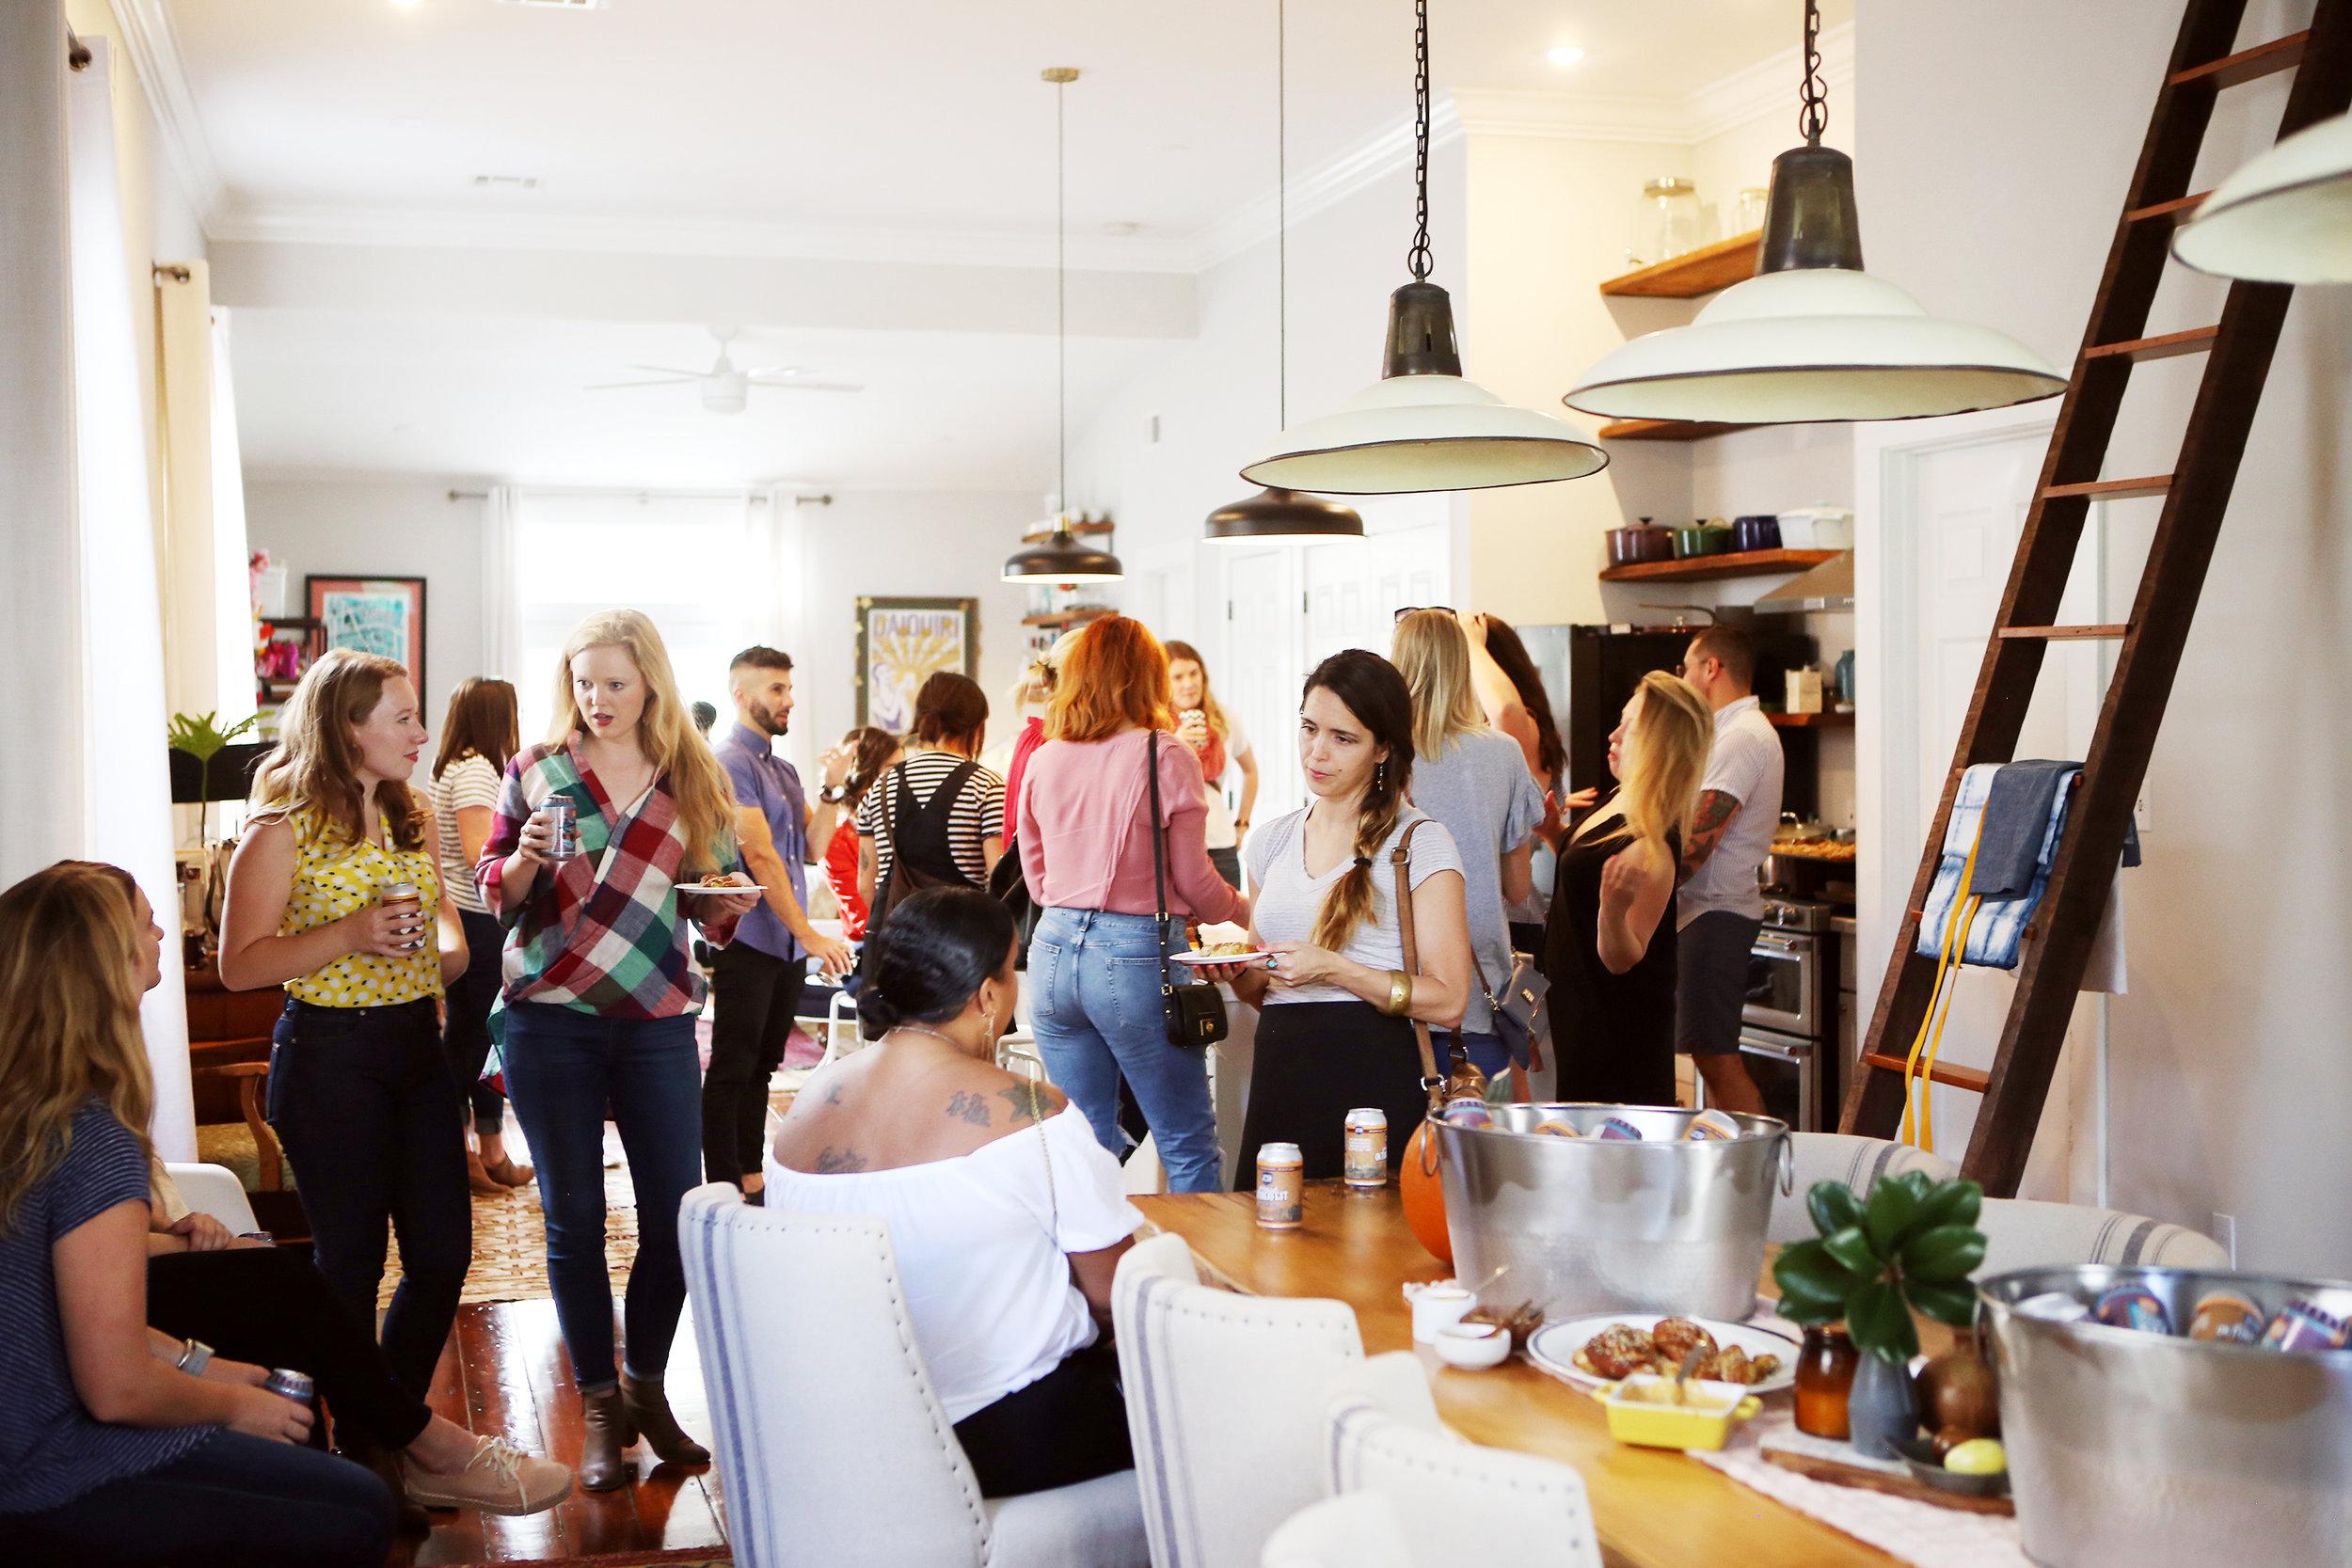 thebakehouse-nola-oktoberfest-event-gathering-pretzels-urban-south-bee3.jpg